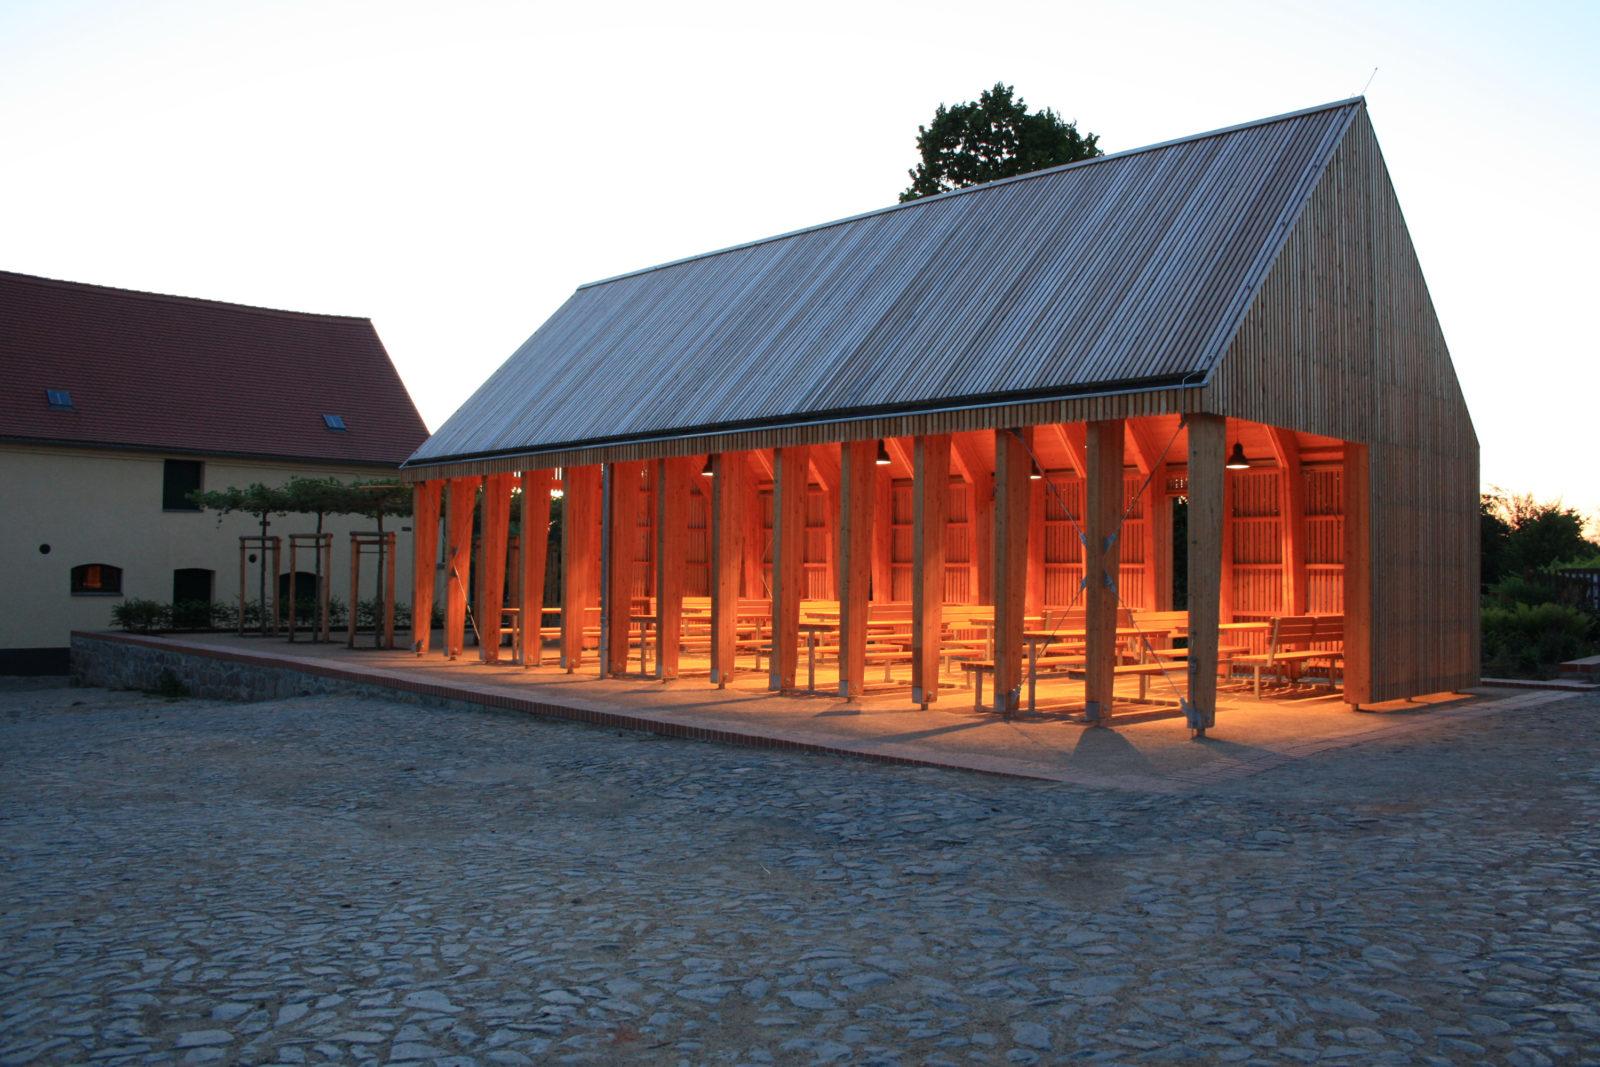 Pavillon im Park Canitz - Außenansicht in der Dämmerung